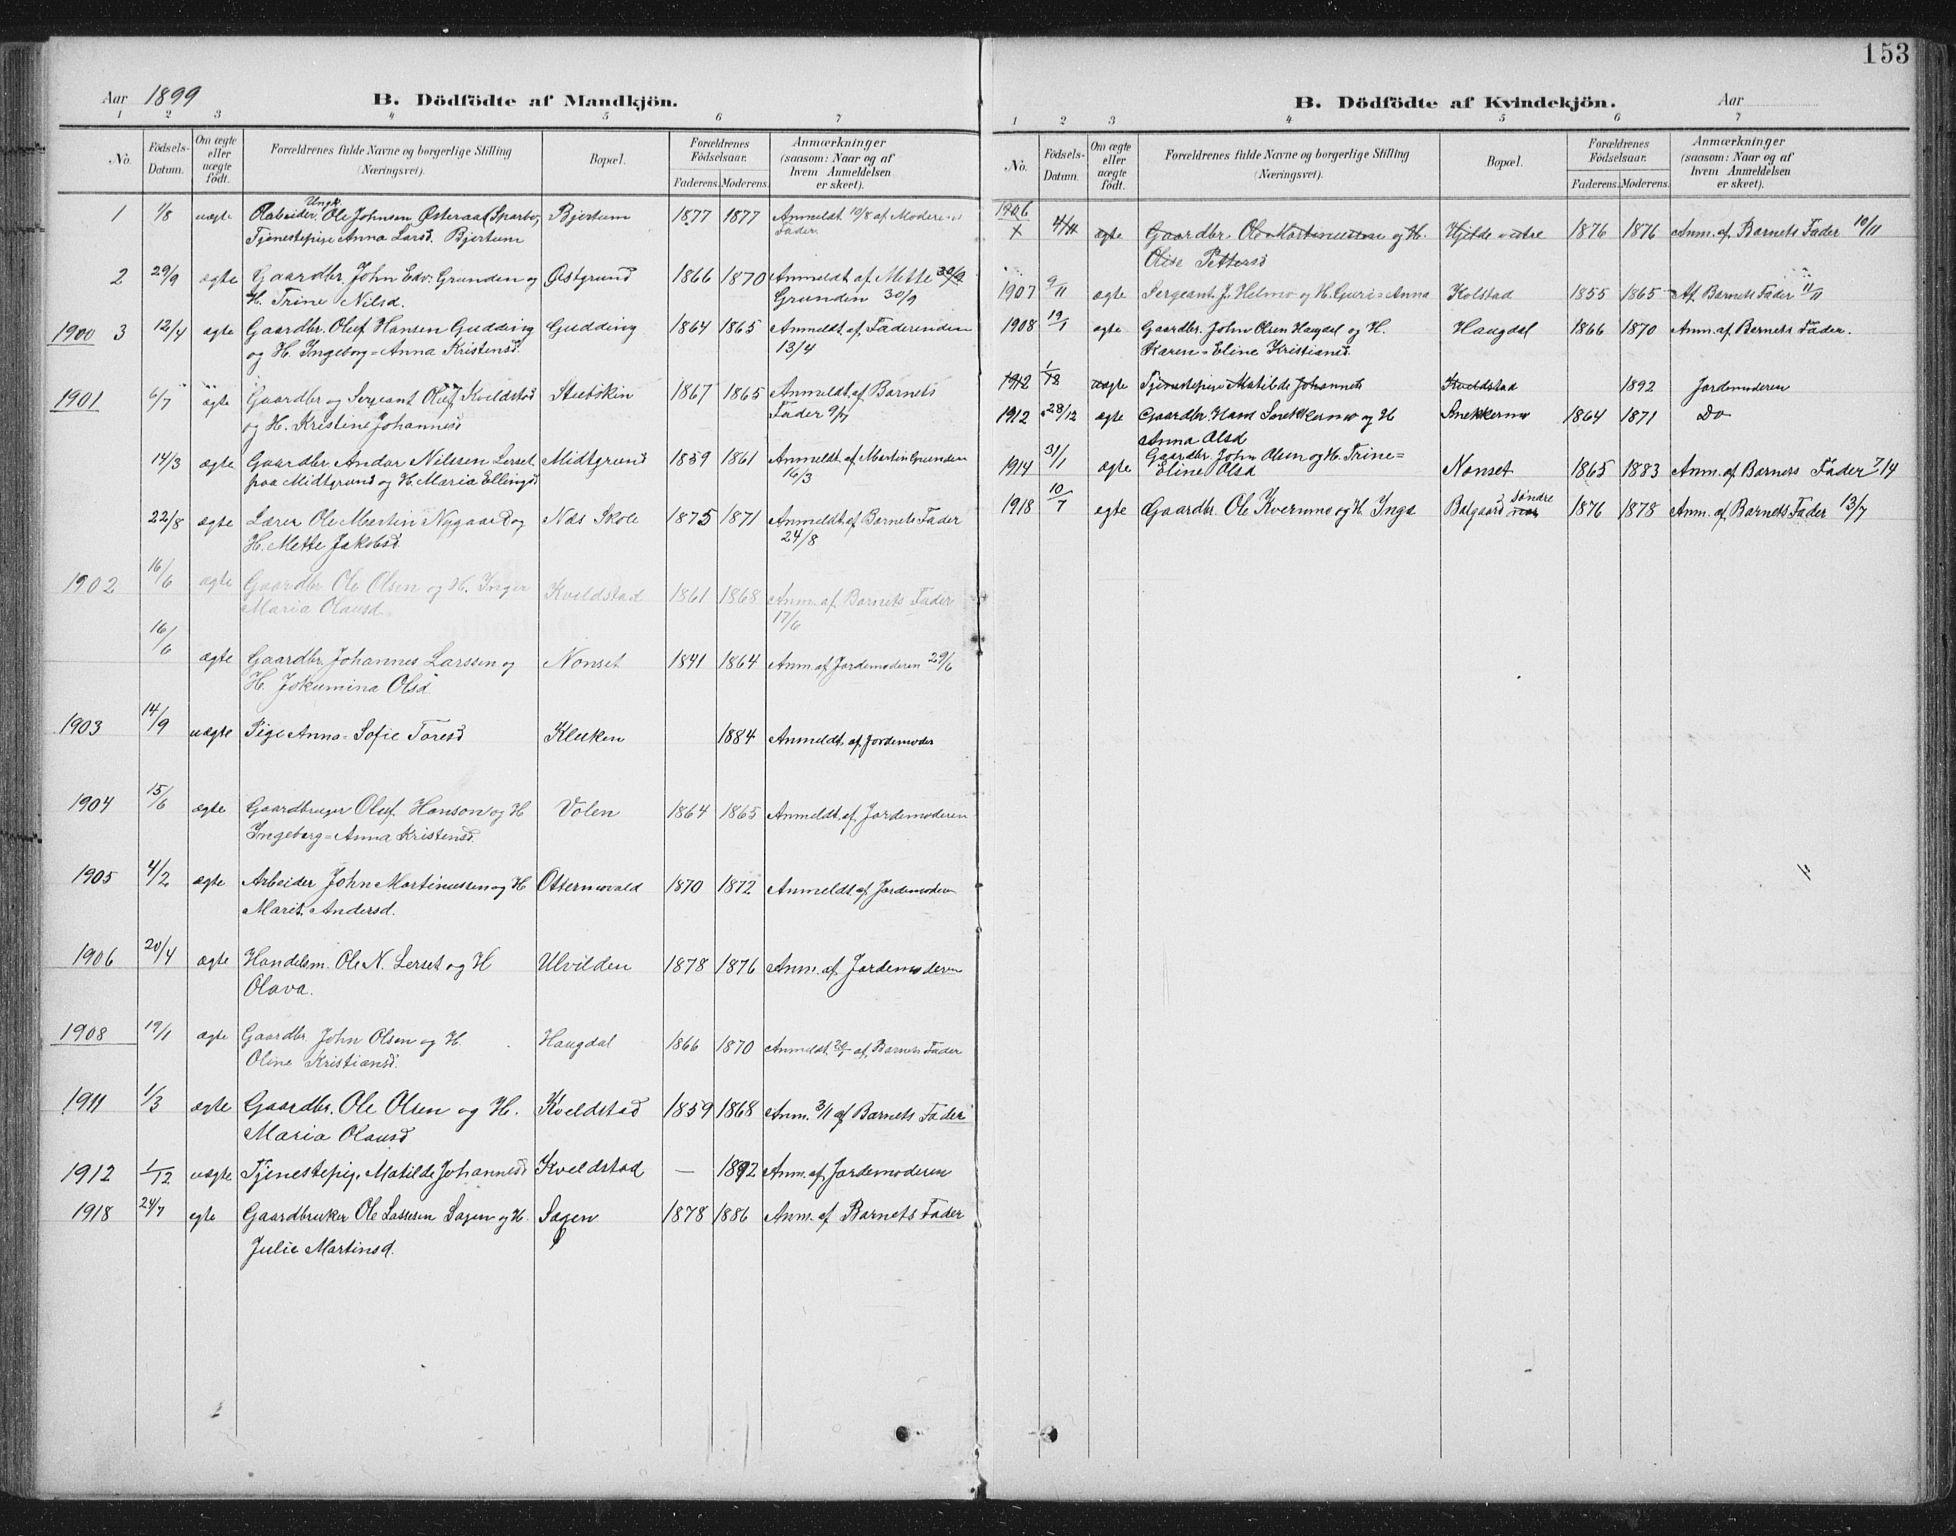 SAT, Ministerialprotokoller, klokkerbøker og fødselsregistre - Nord-Trøndelag, 724/L0269: Klokkerbok nr. 724C05, 1899-1920, s. 153